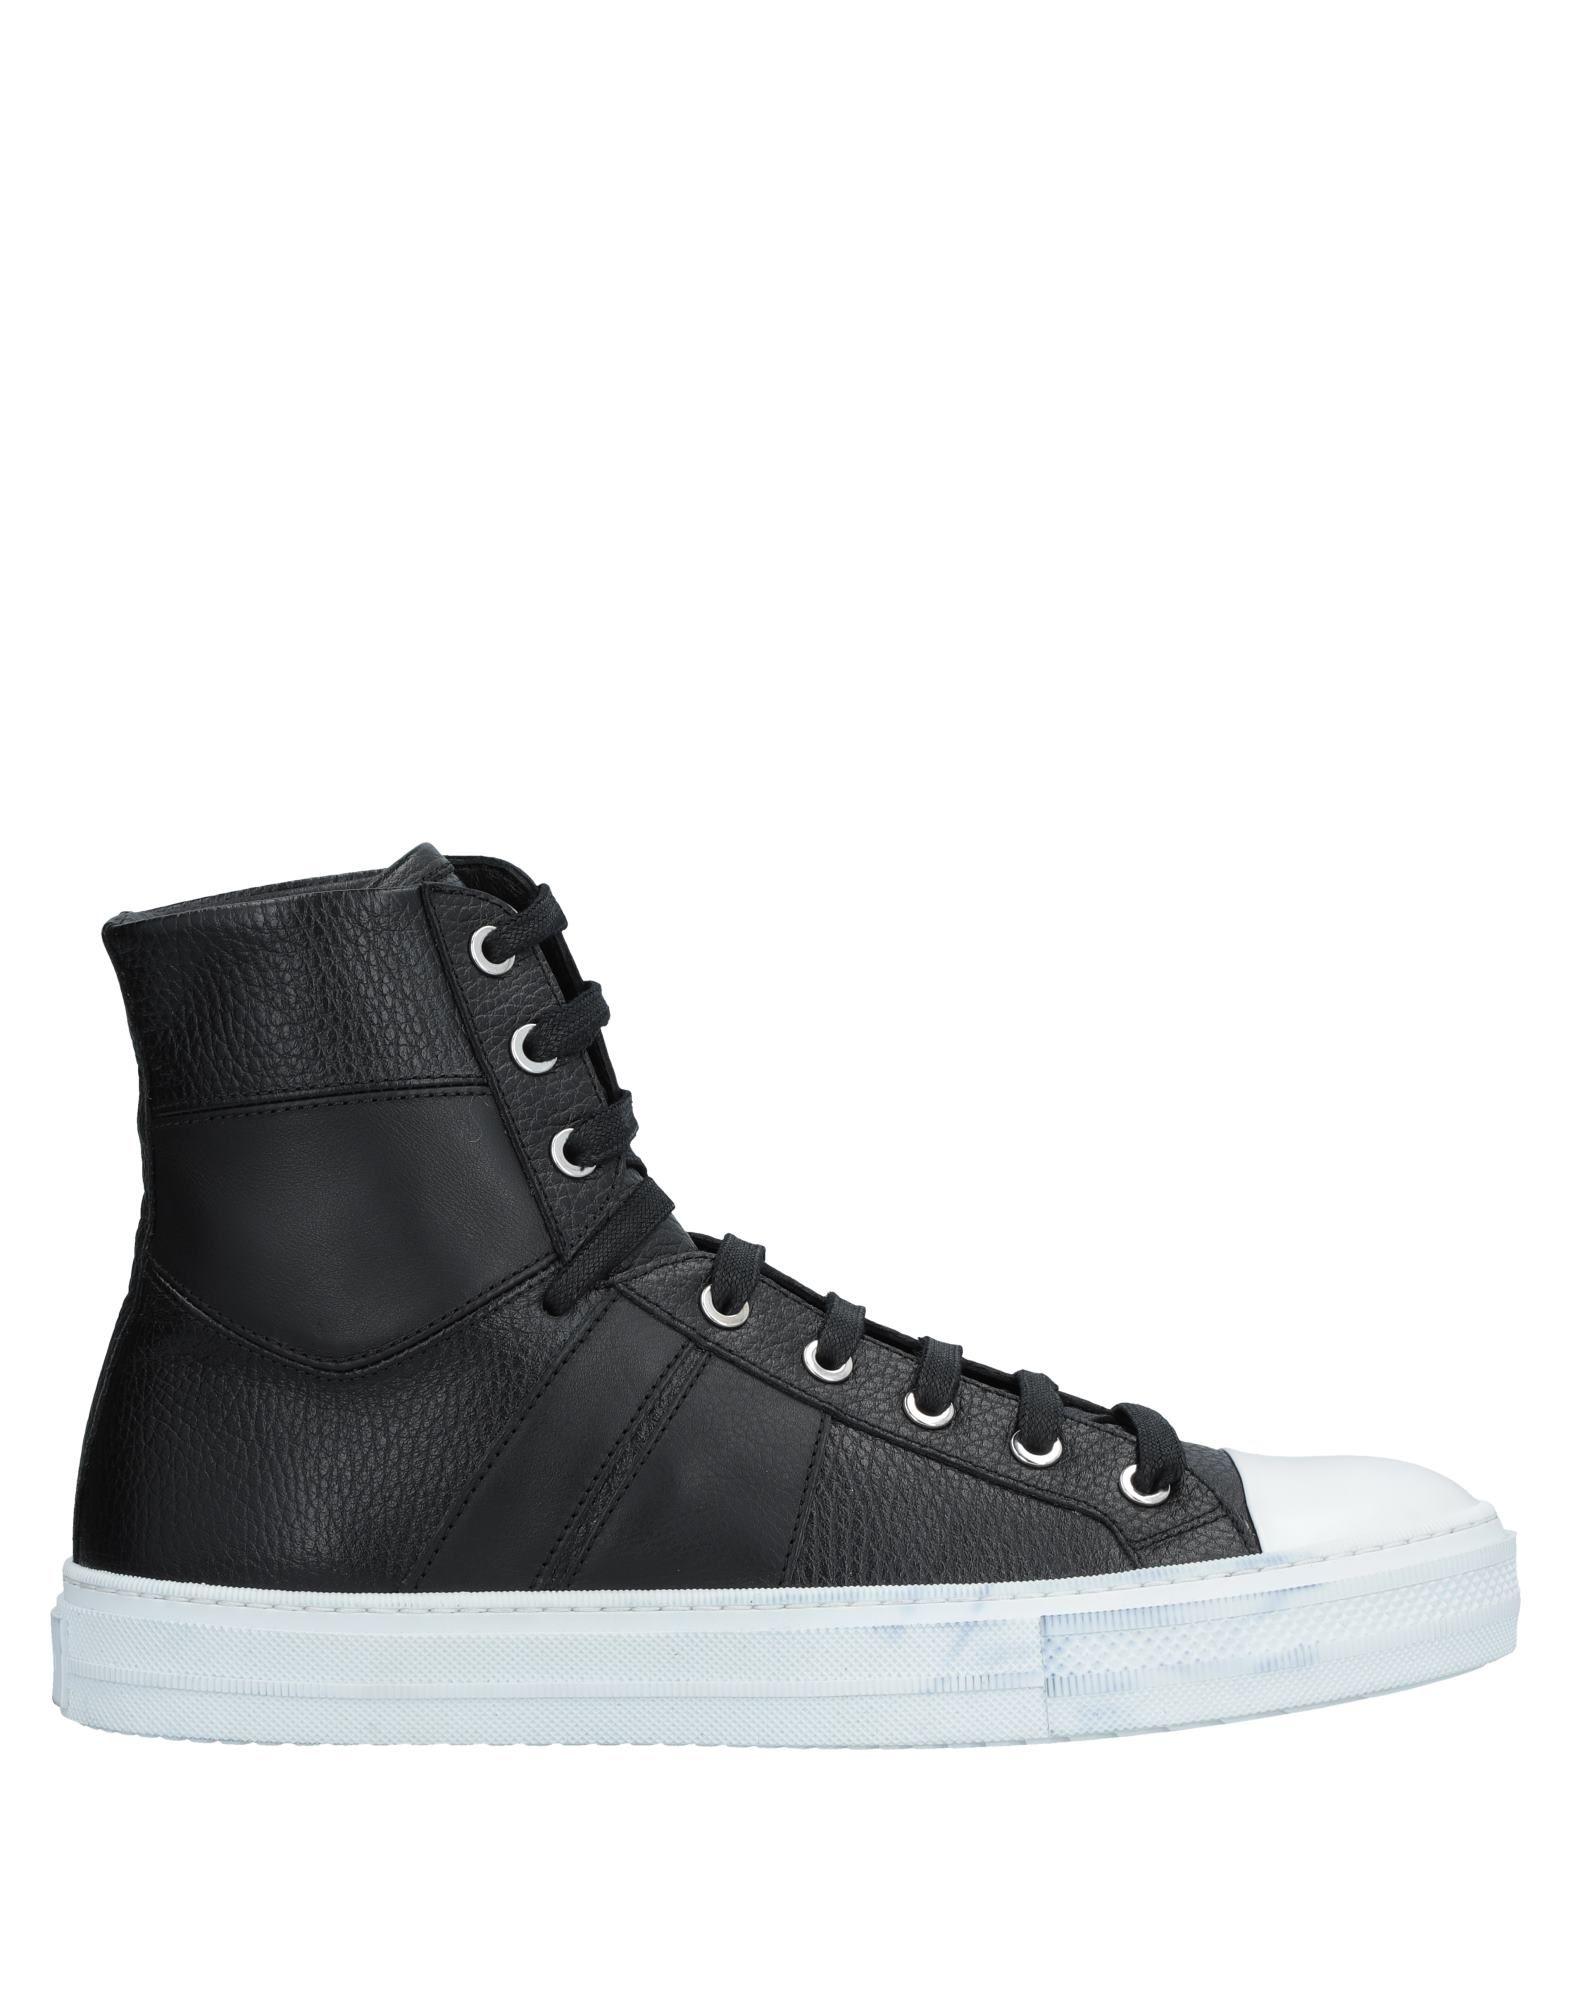 Sneakers Amiri Uomo - 11488698HN Scarpe economiche e buone